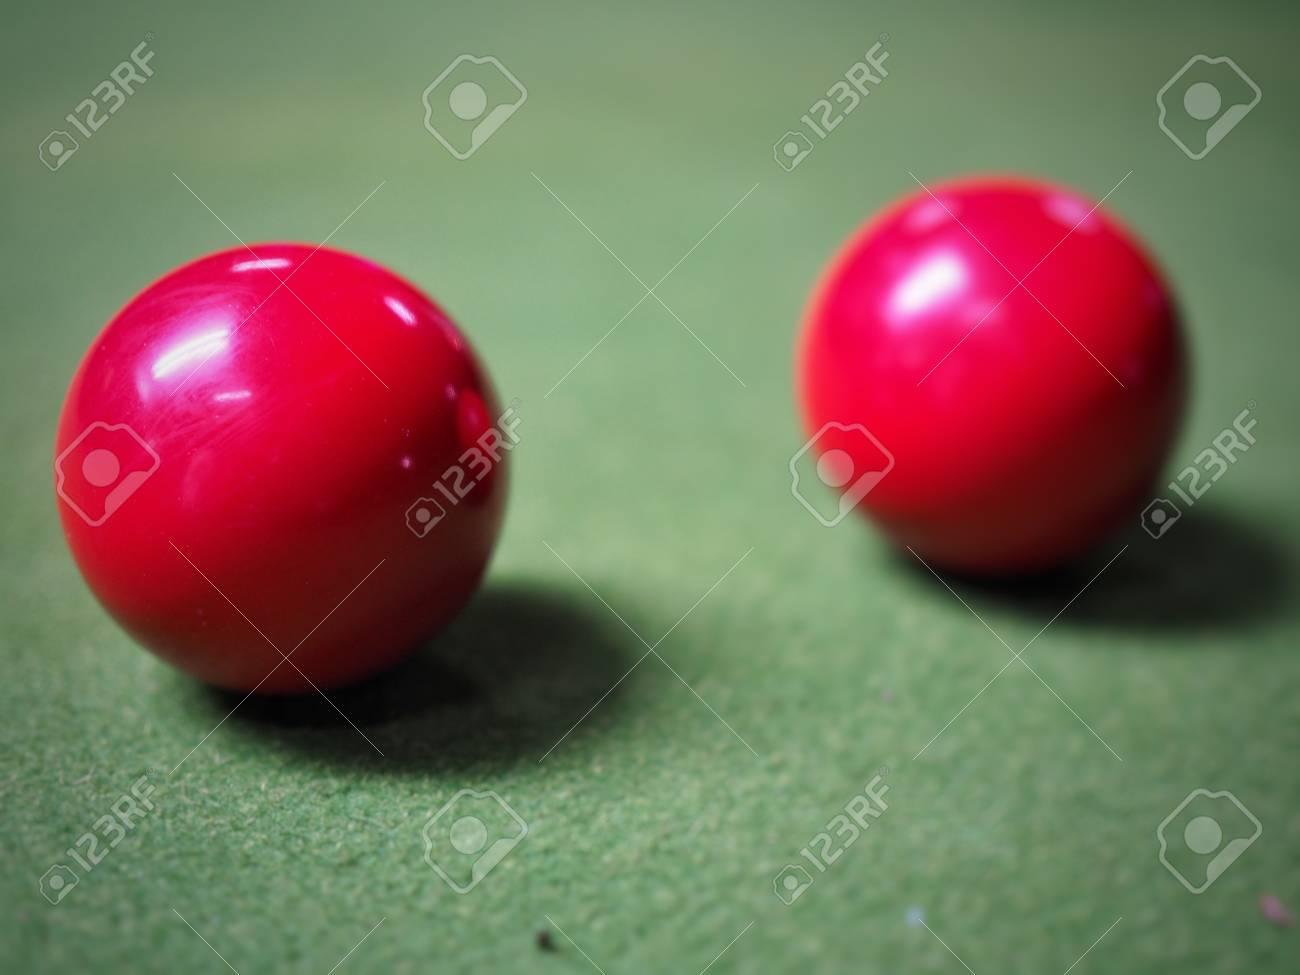 Boules de billard rouges Banque d'images - 79926984